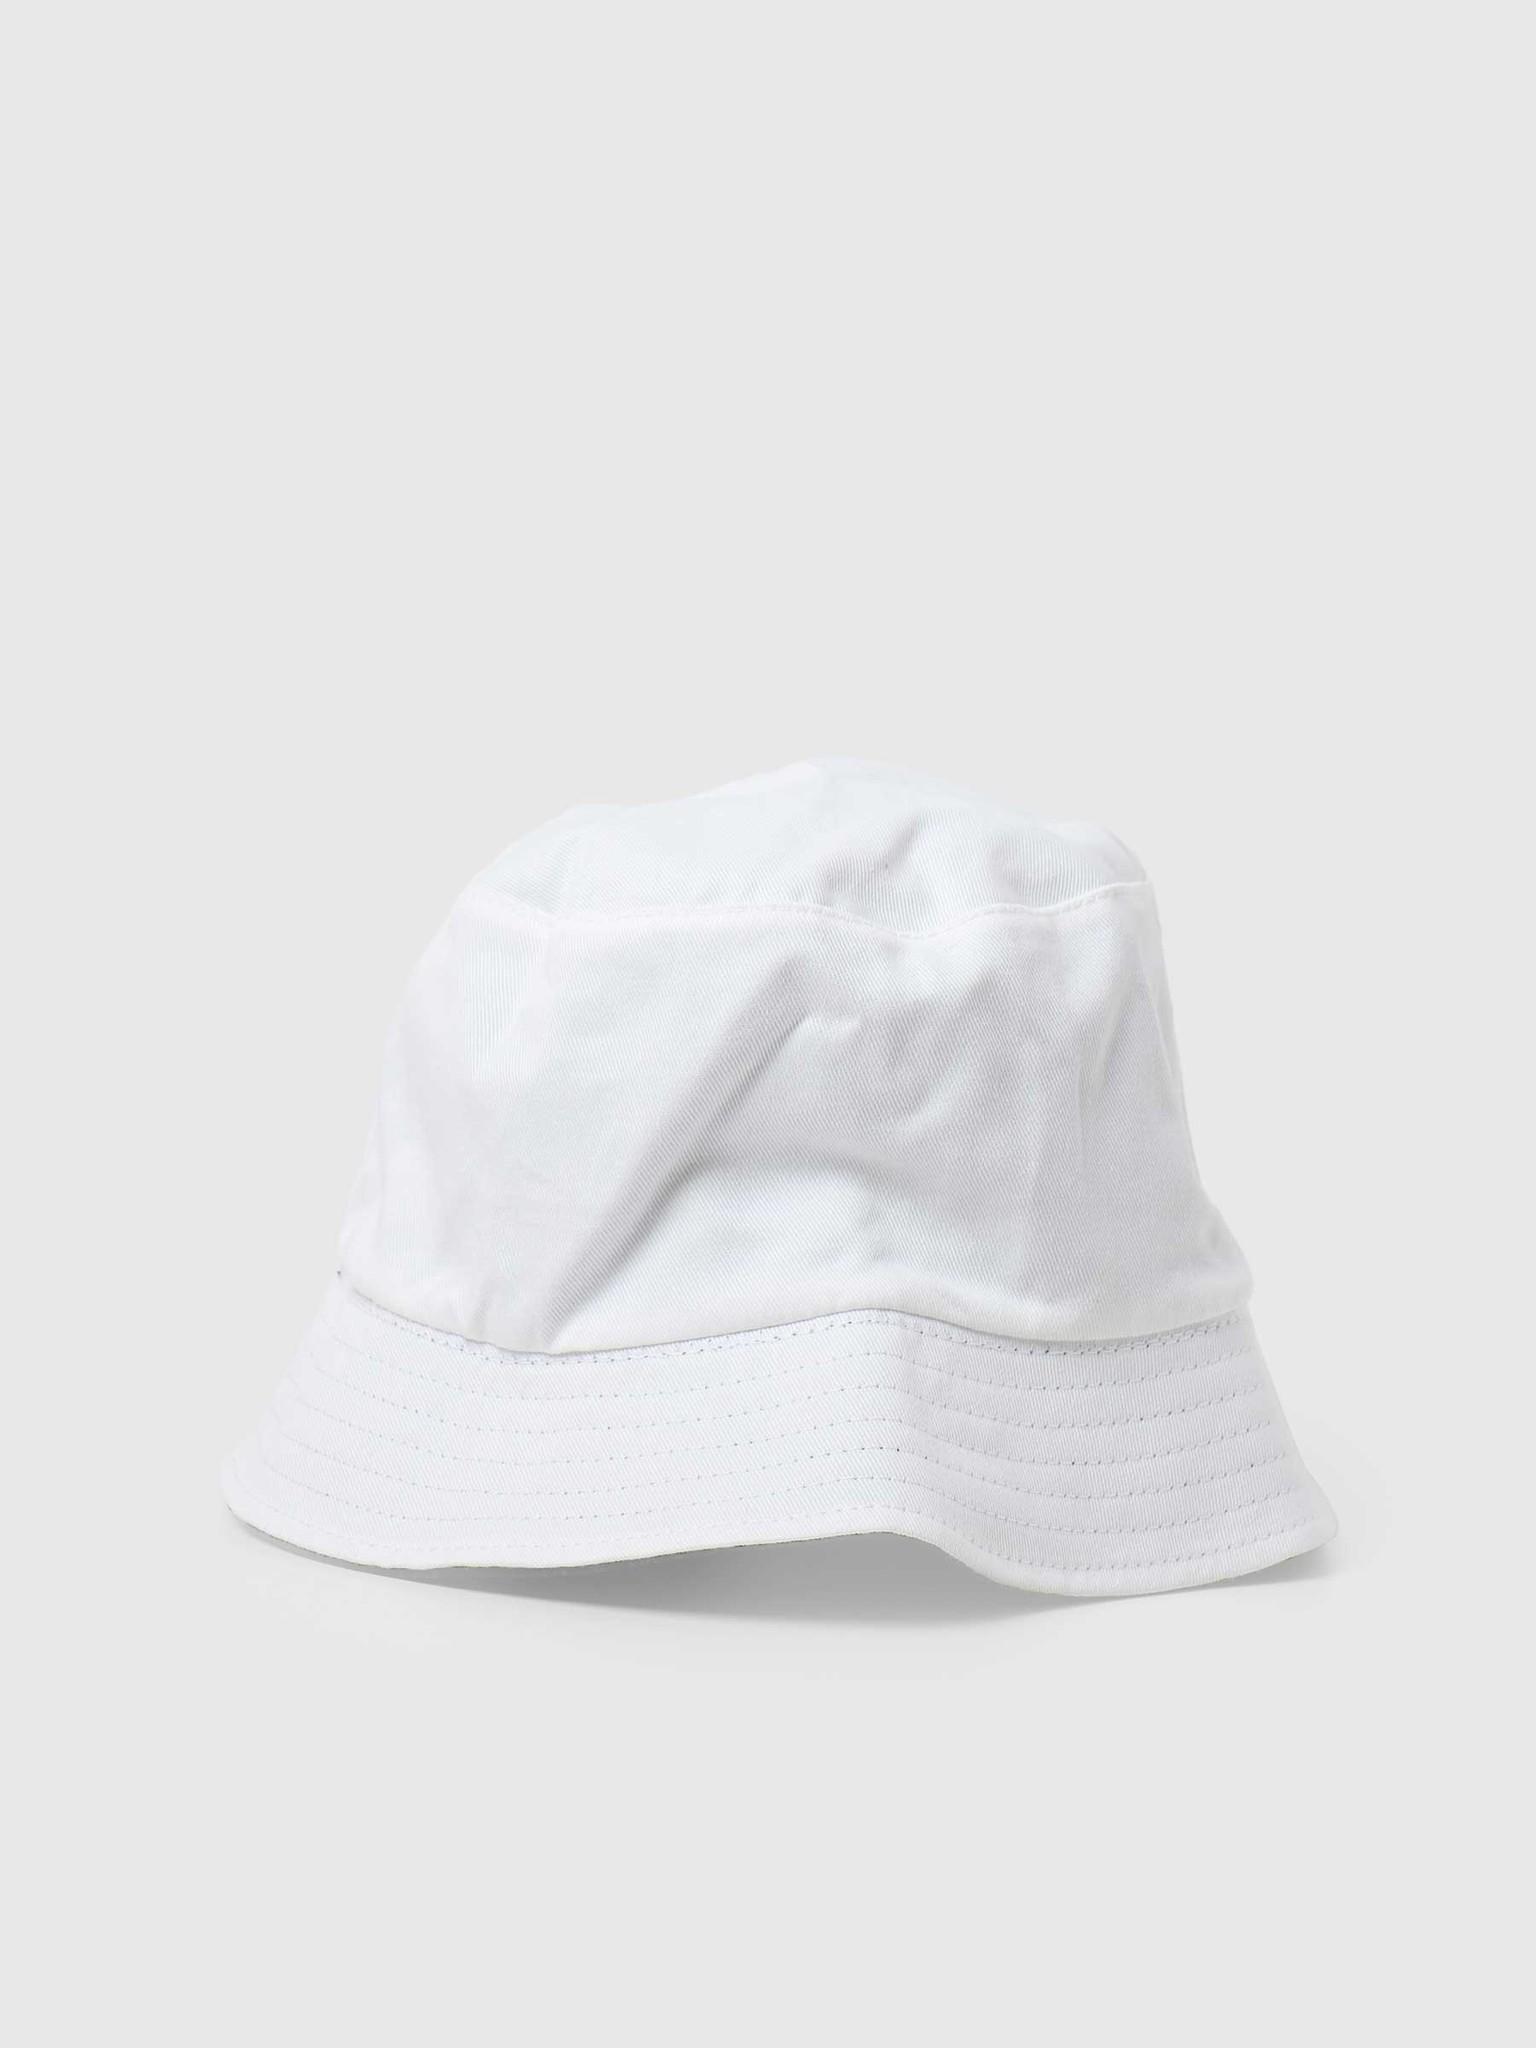 HUF HUF Fuck It Reversible Bucket Hat Black/White HT00496-BKWHT